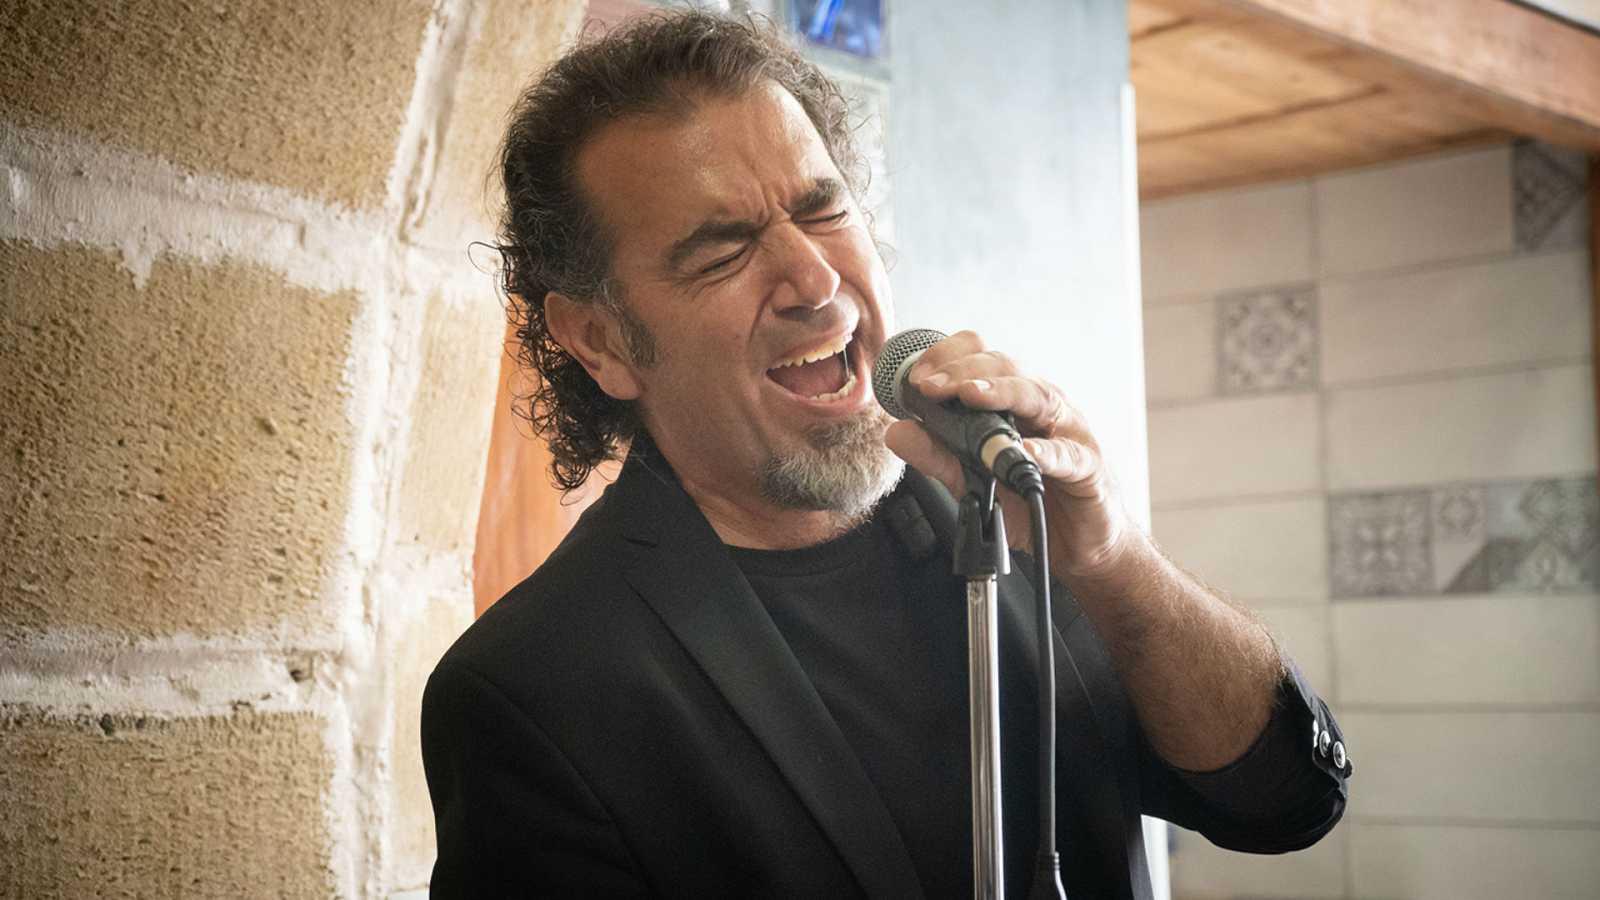 Contraste flamenco - David Lagos: 'Hodierno' - 26/10/19 - Escuchar ahora